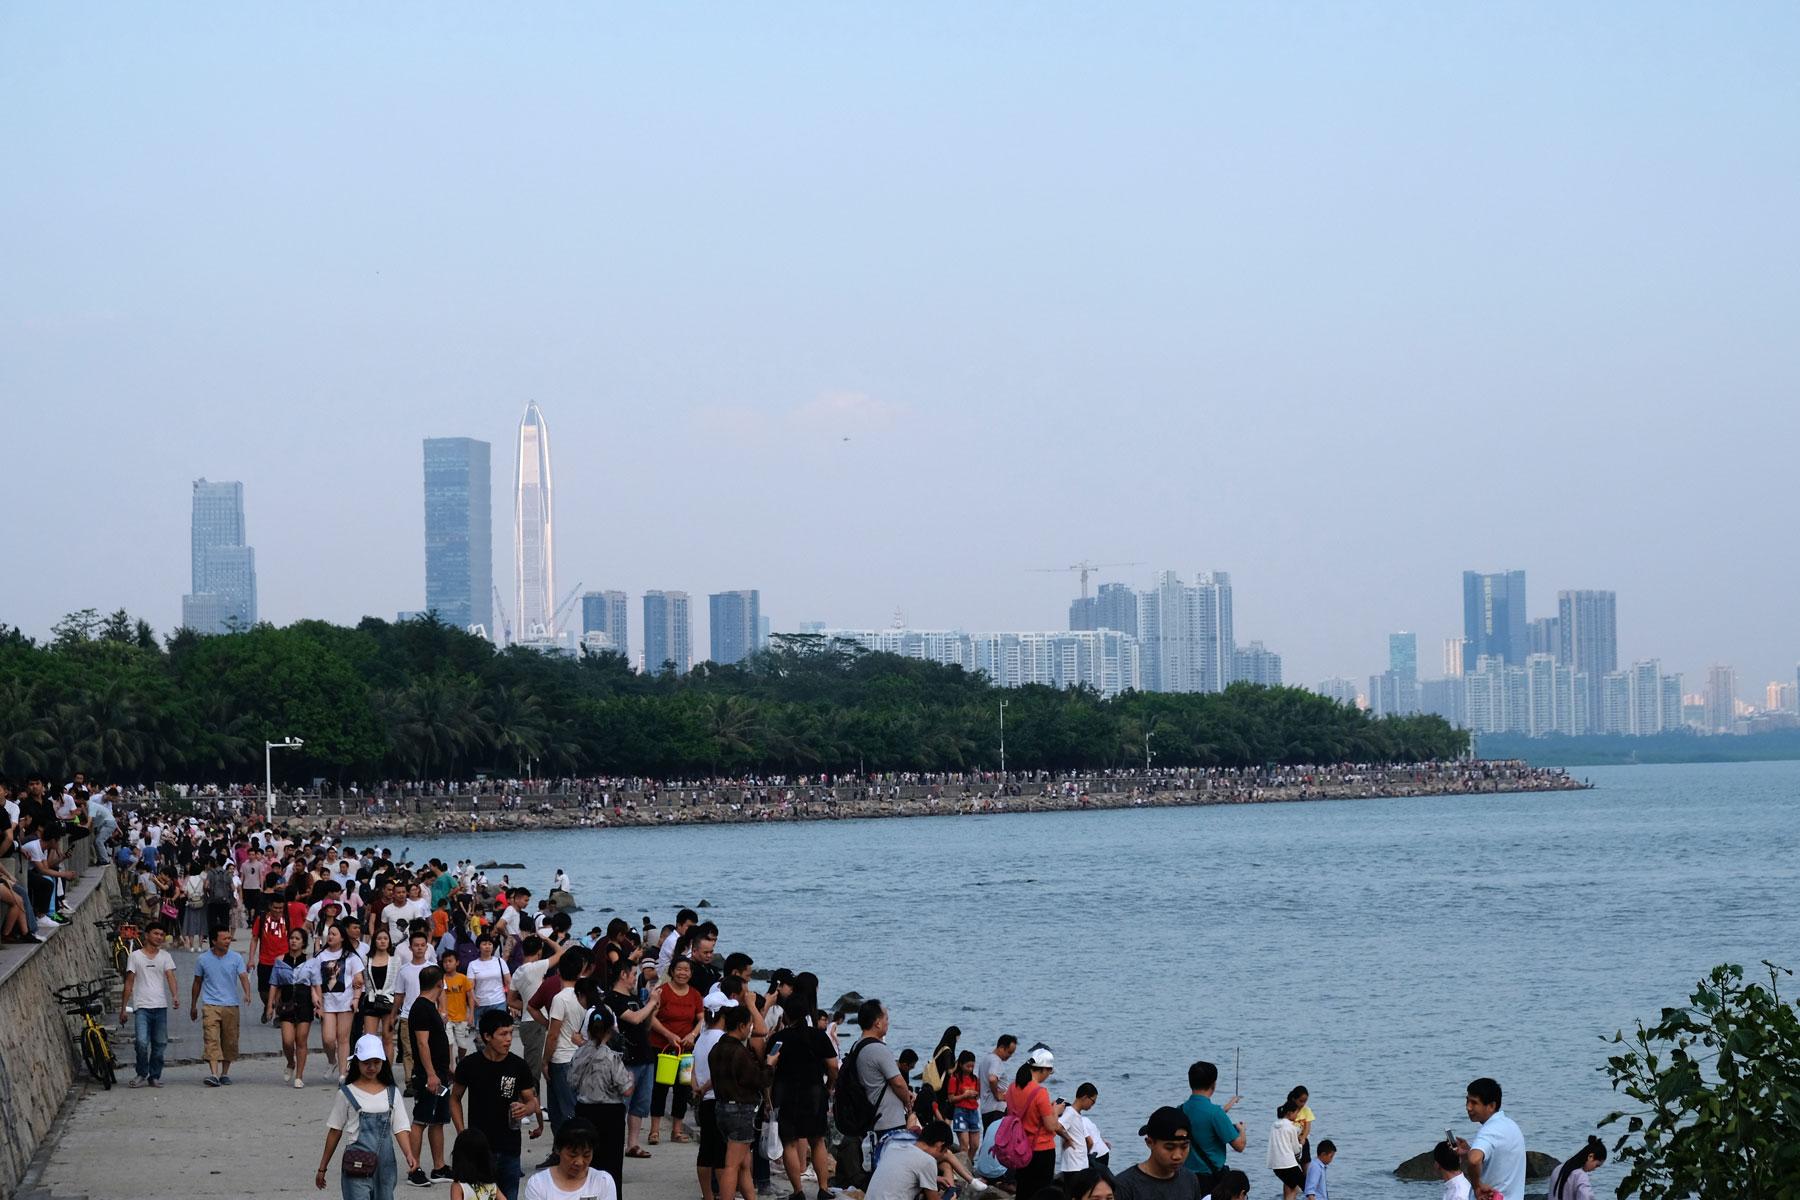 Am chinesischen Nationalfeiertag spazieren hunderte Menschen entlang der Bucht von Shenzhen.